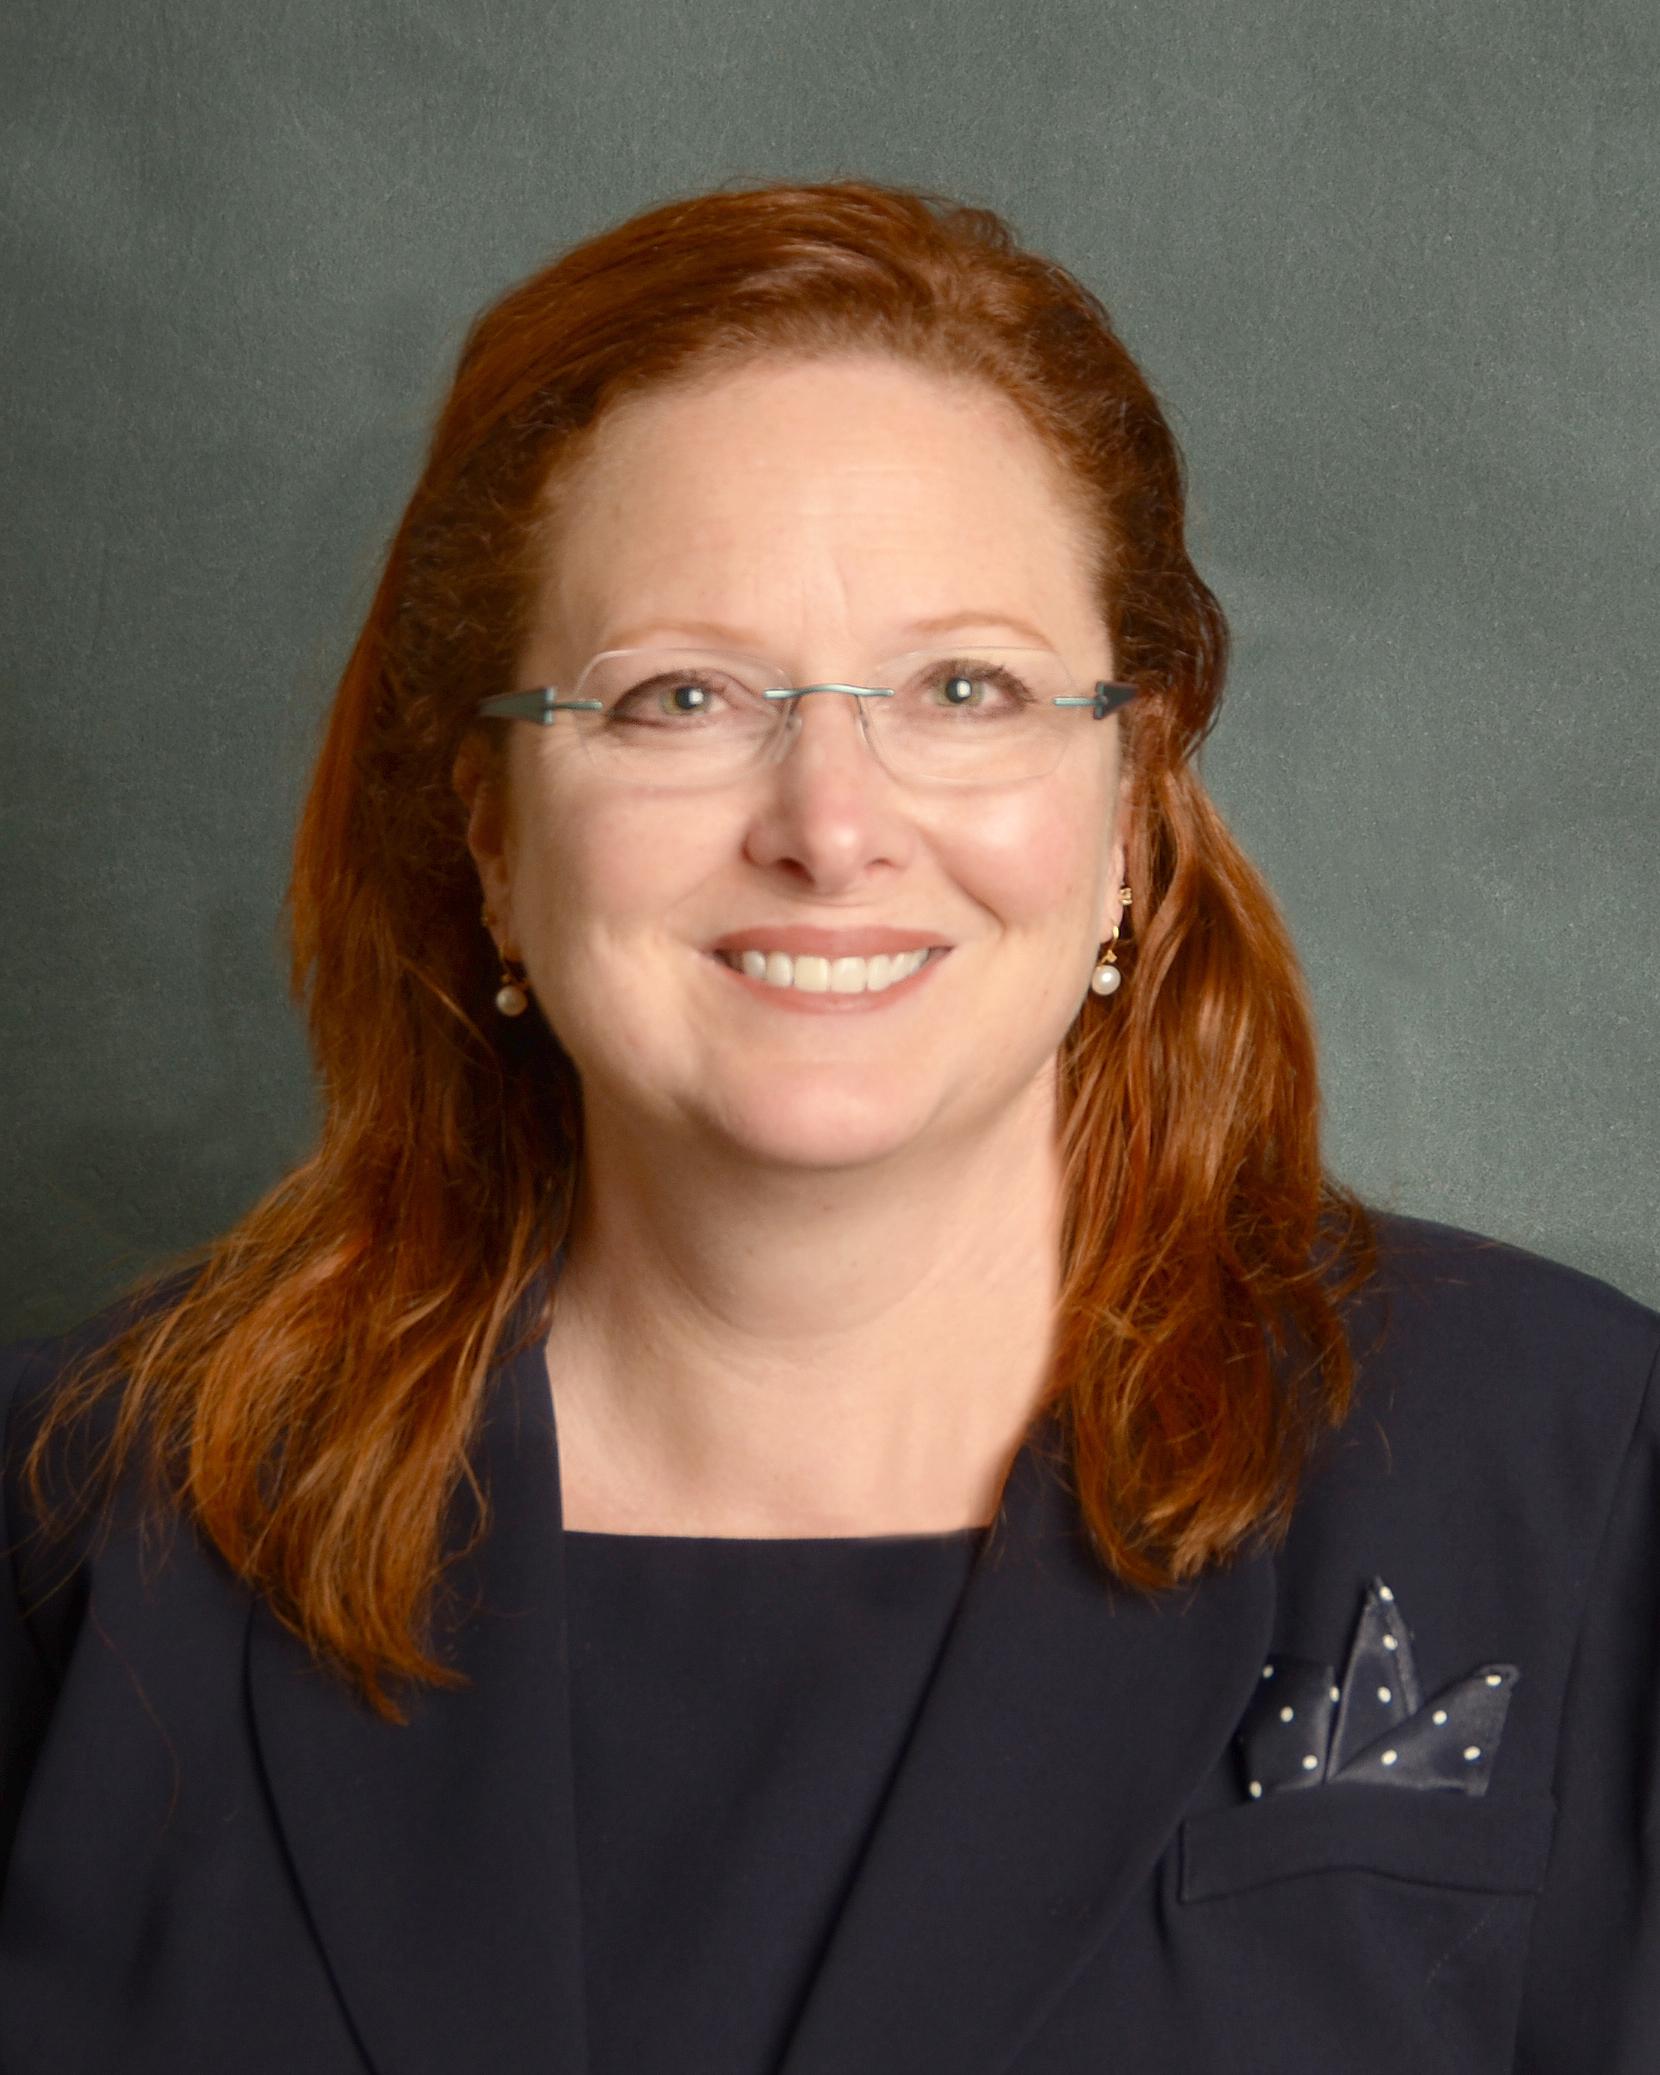 Shannon E. Hull